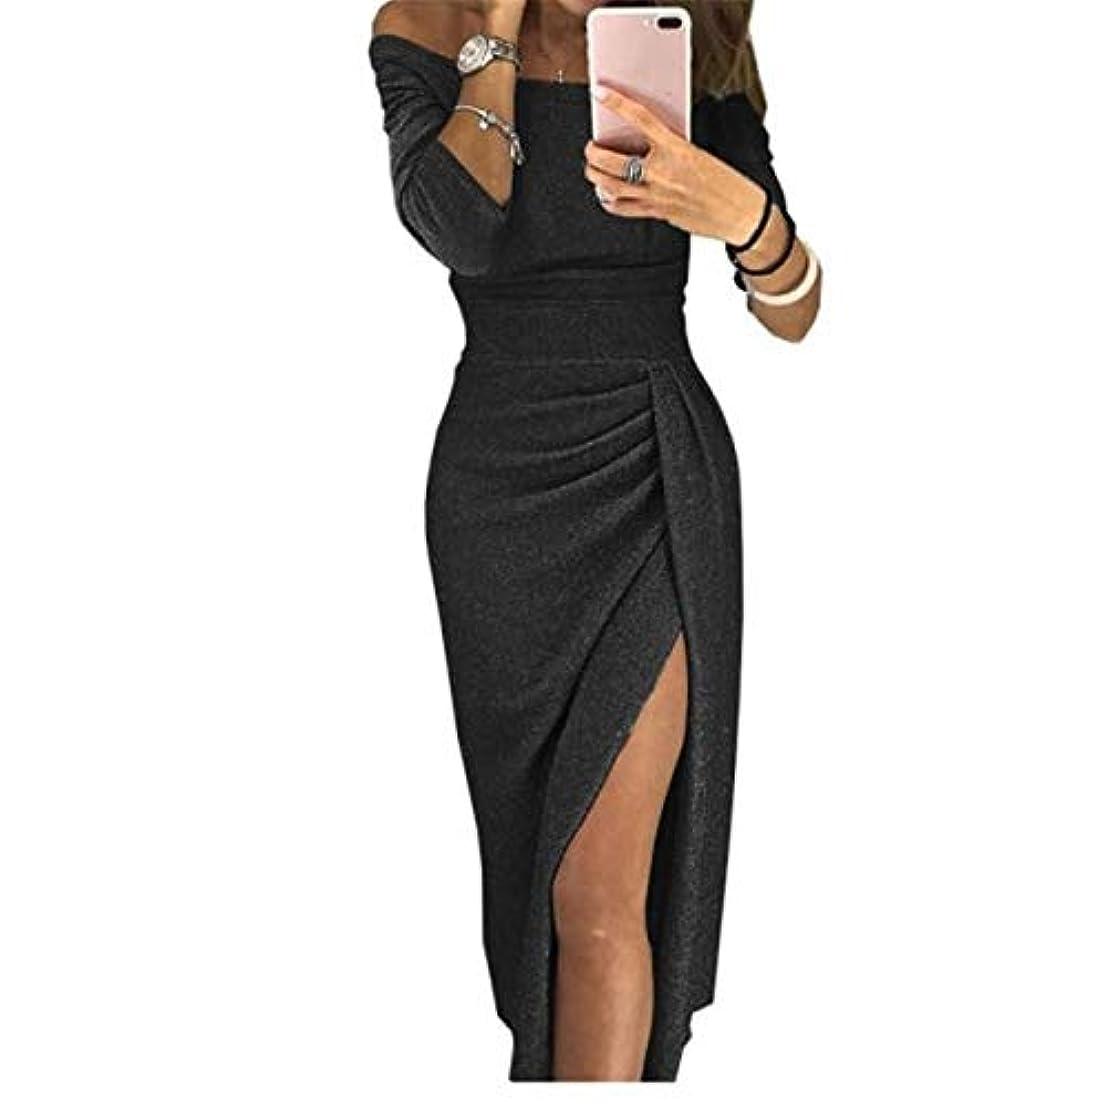 嫌い助けてシフトOnderroa - 夏の女性のドレスはネックパッケージヒップスプリットセクシーなスパンコールのドレスレディース包帯パーティーナイトクラブミッドカーフ服装スラッシュ